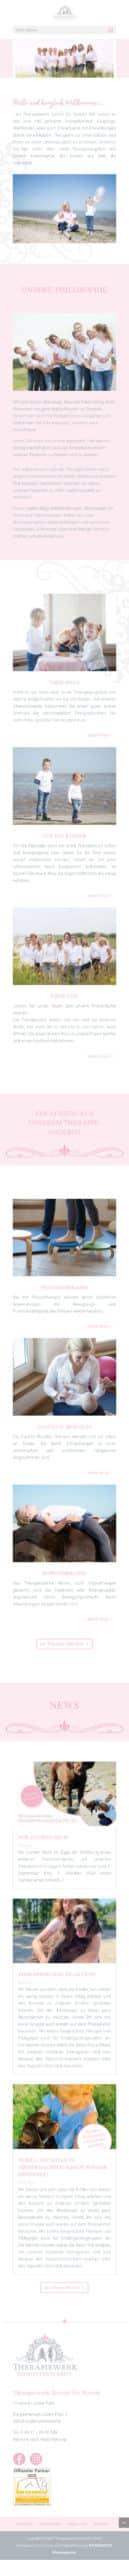 Designstuuv Referenzen Therapiewerk Website mobil